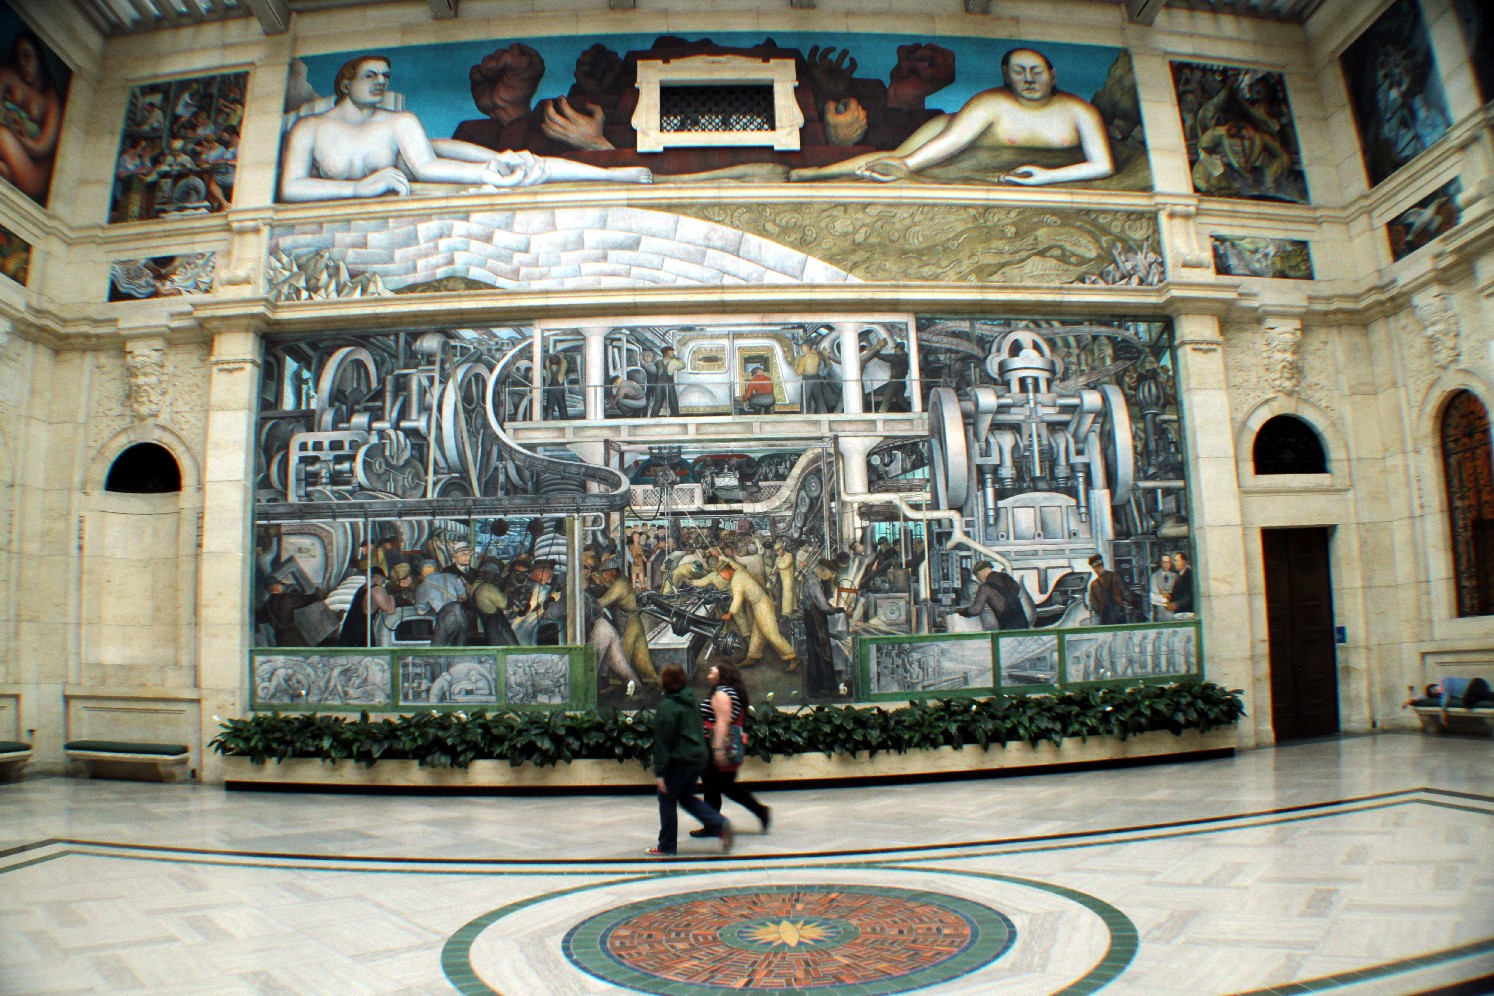 Vista do 'Detroit Industry',  mural pintado por Diego Rivera em homenagem à indústria automotiva de Detroit  (foto: Eduardo Vessoni)